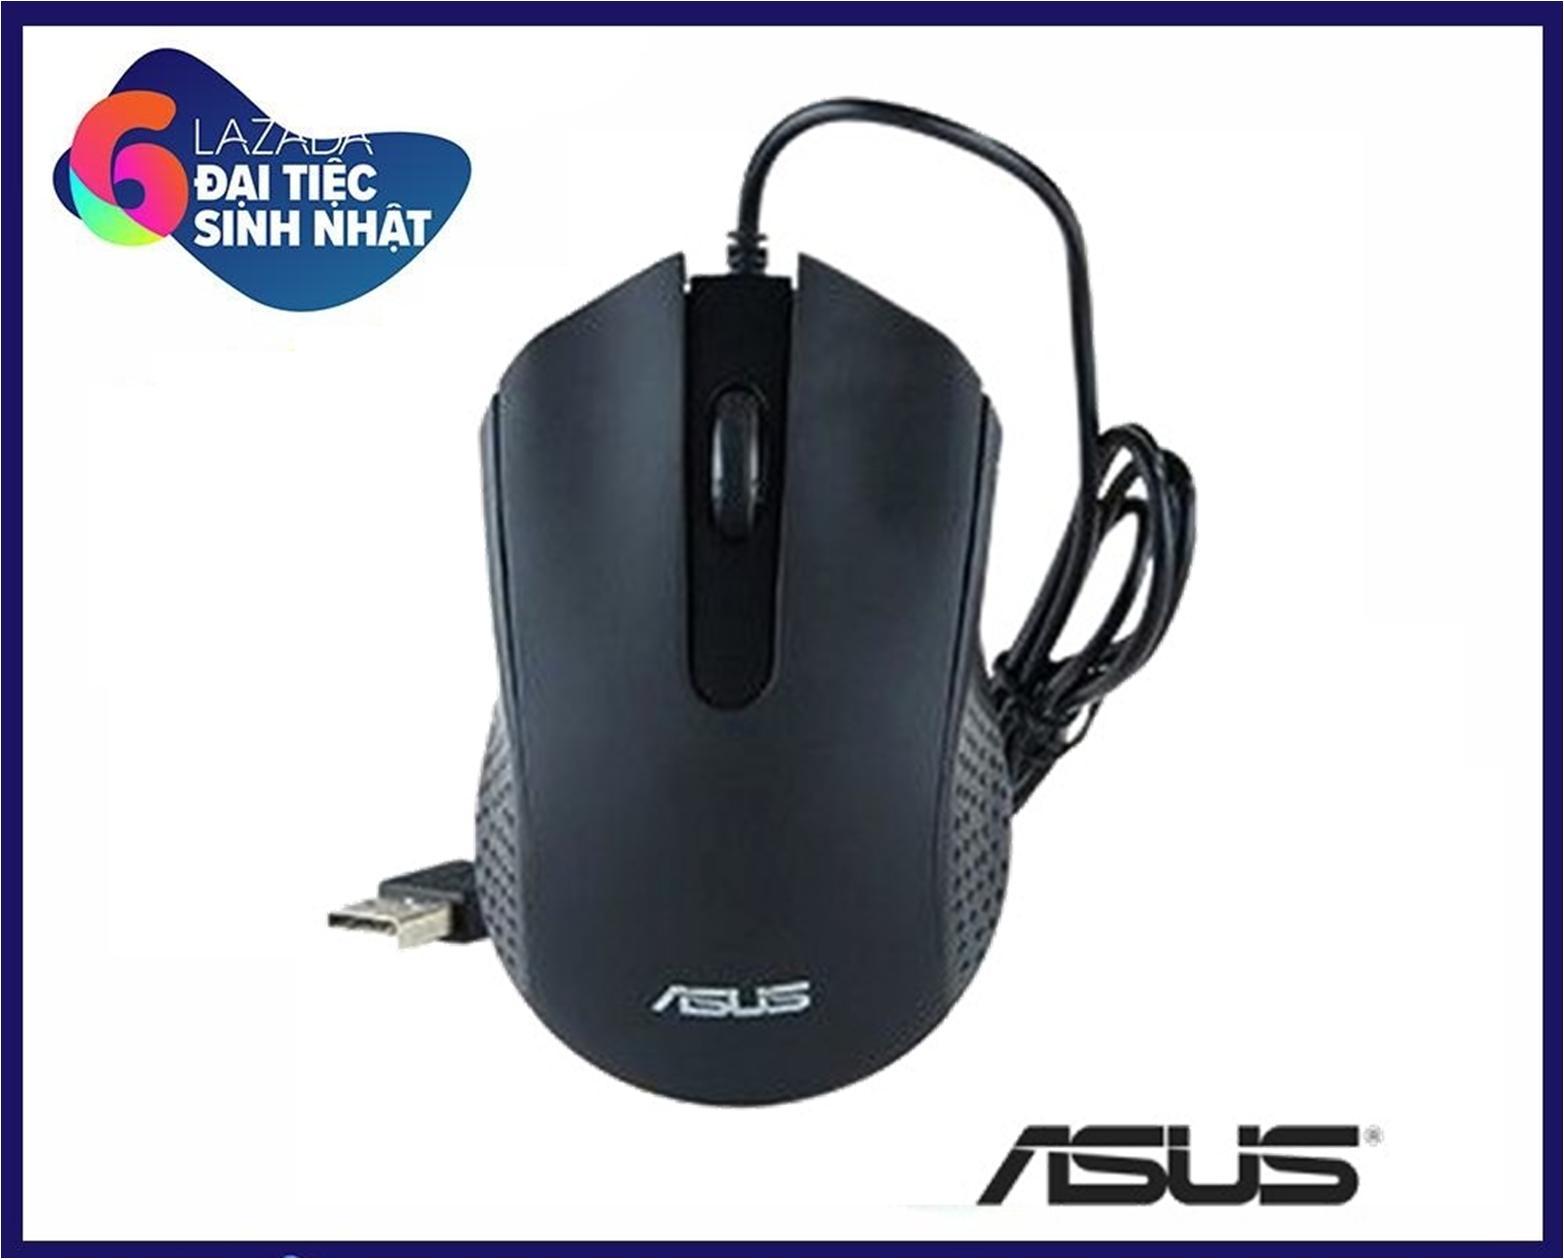 Chuột quang có dây ASUS. Model AE-01, dây dài 1,2m, 1200dpi, chân USB